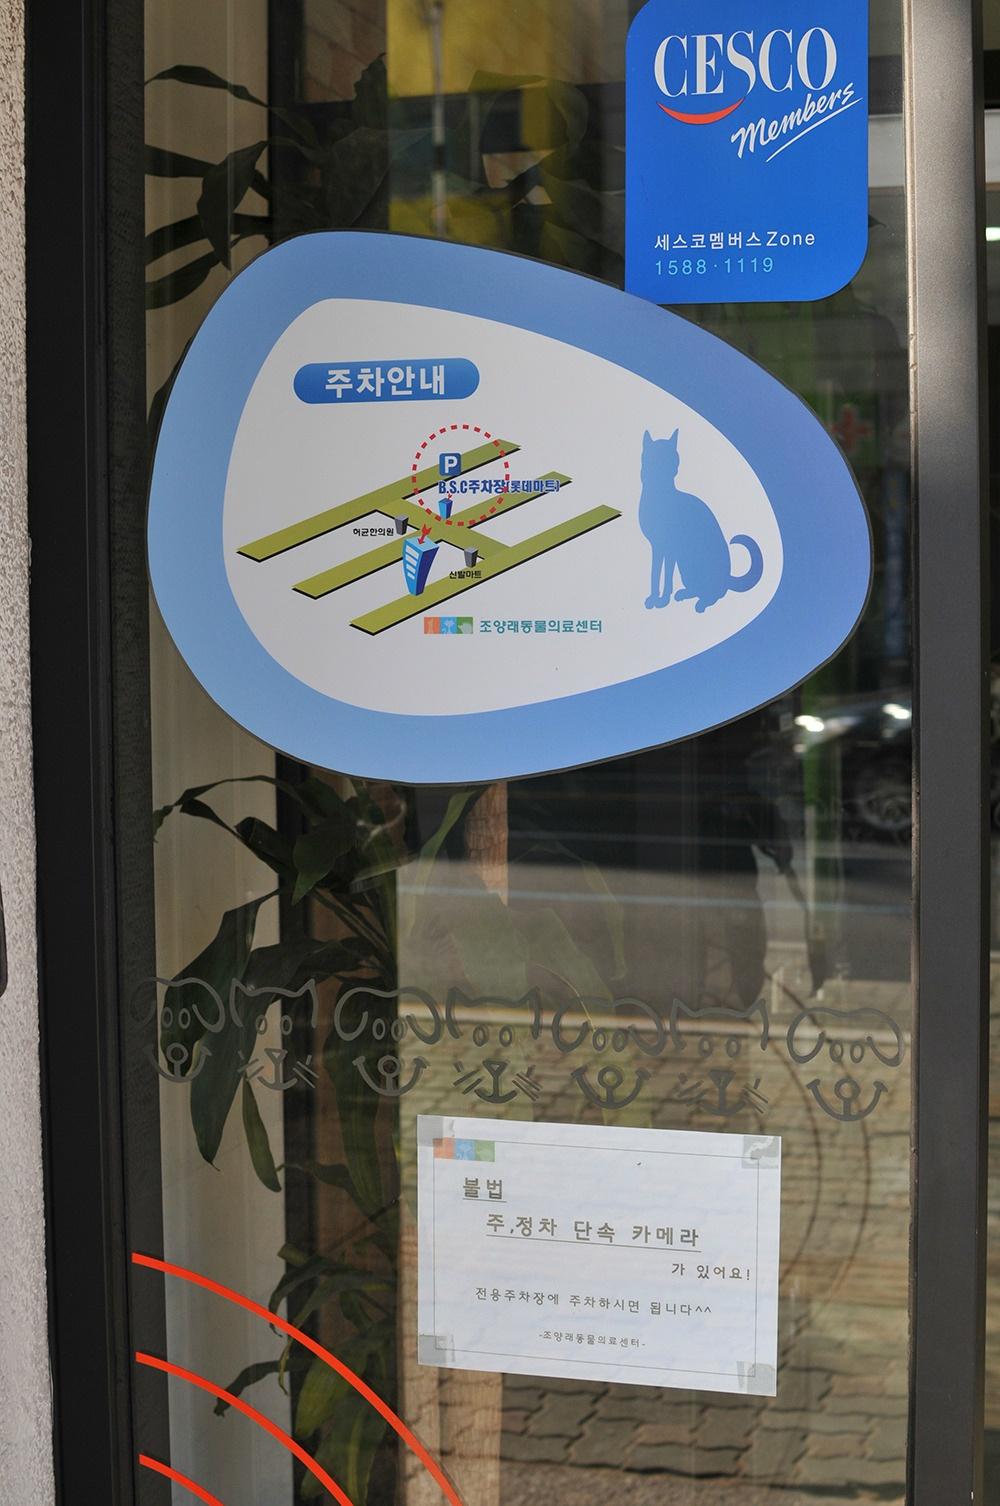 조양래 동물의료 센터